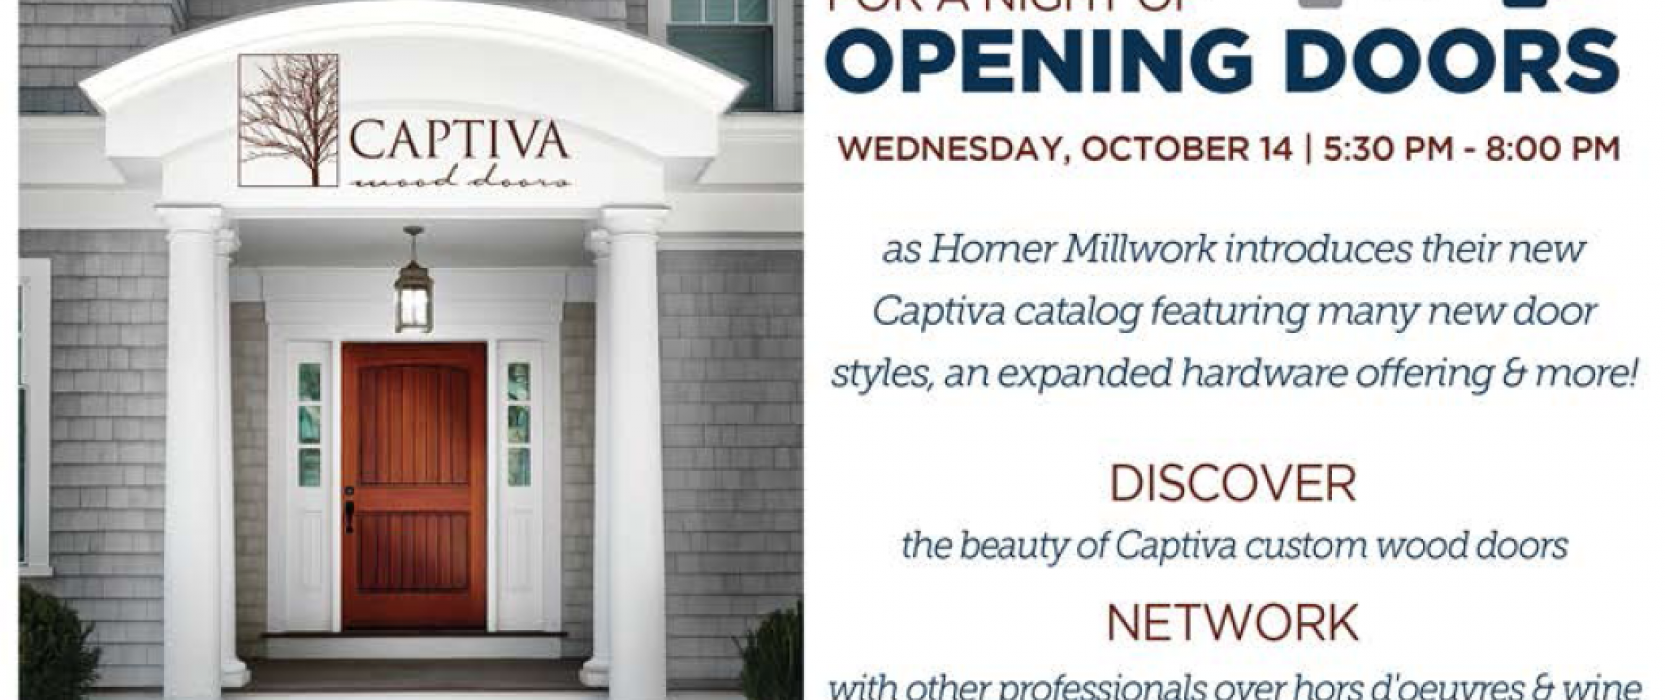 Opening Doors with Horner Millwork